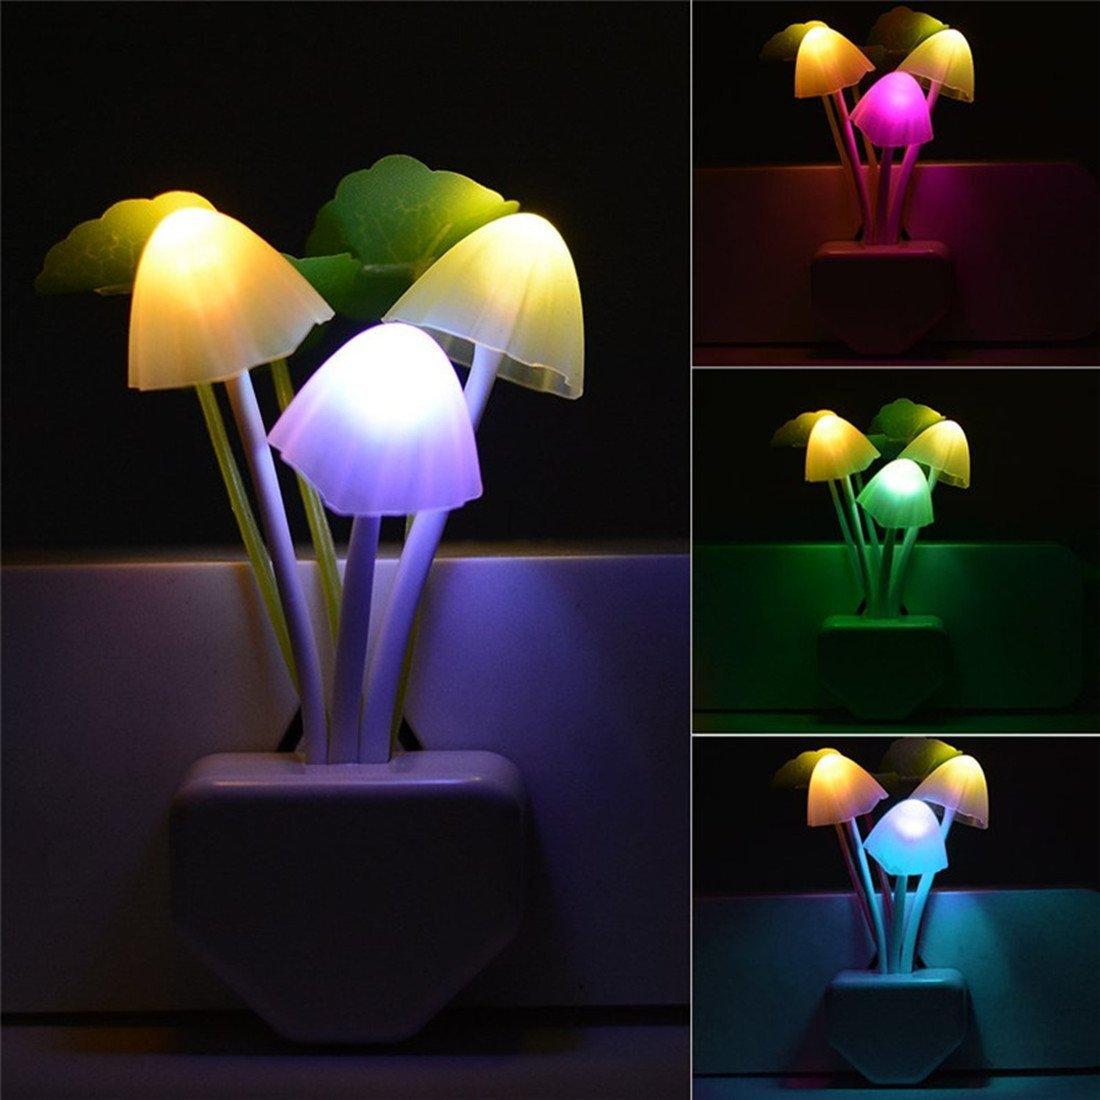 プラグイン LED Lotus 夜間ライト スマート夕暮れから夜明けのセンサー and 0.6W Leaves マルチカラー キノコ ドリーム ベッド ナイトライト 省エネウォールランプ フラワー ノベルティギフト Z-MNL Mushrooms and Lotus Leaves B07G1RBHVB, オリーブおばさん:30f84103 --- ijpba.info